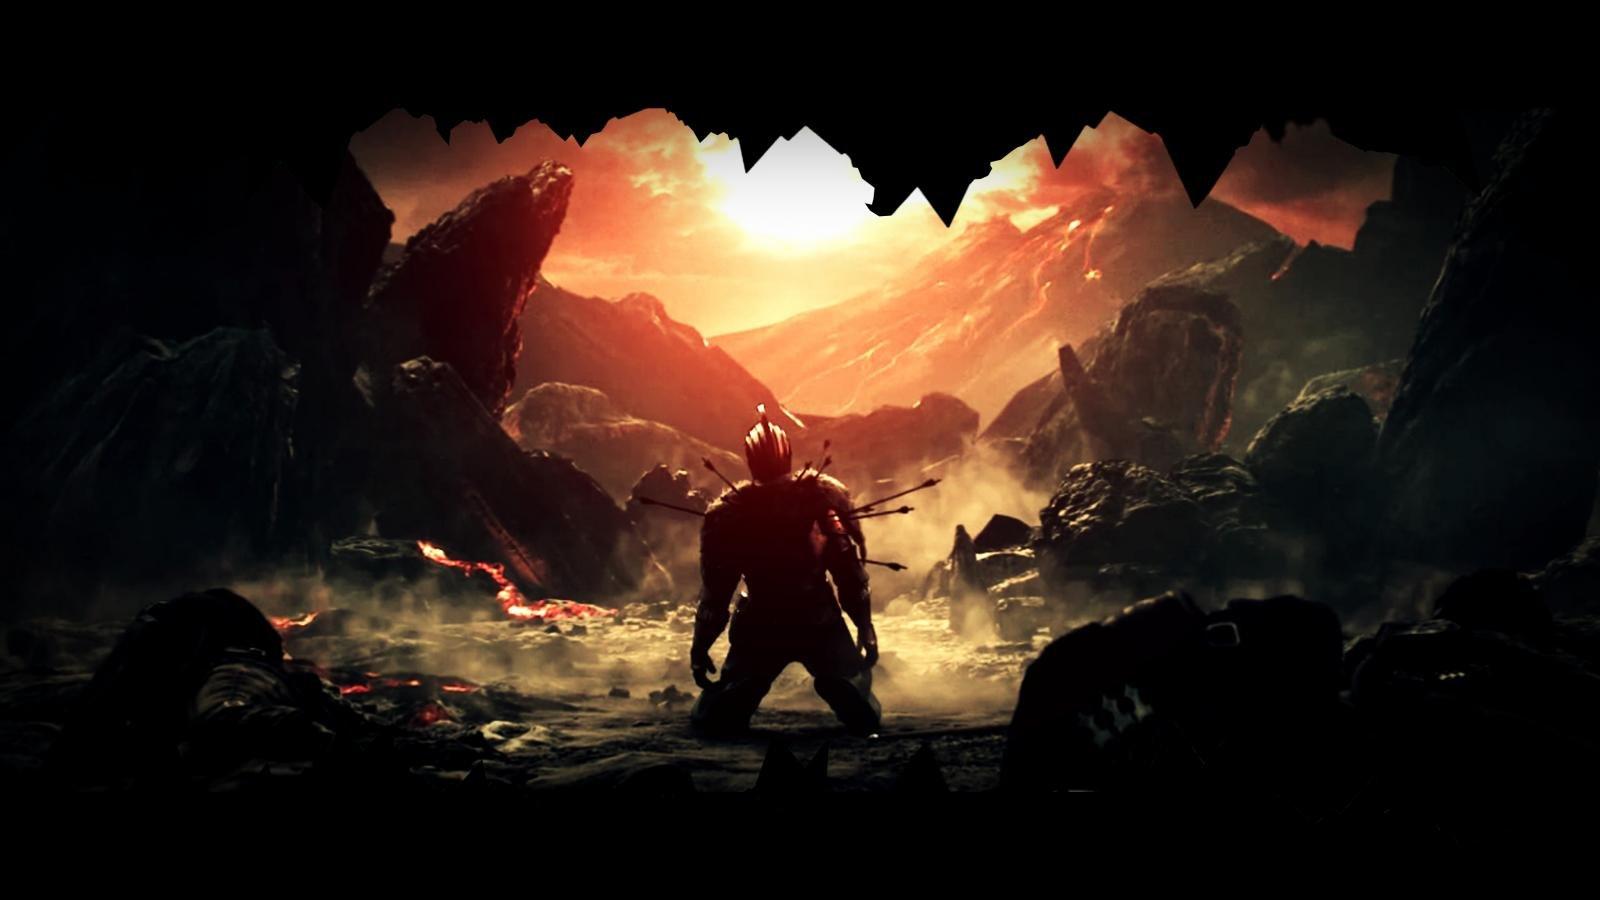 Dark Souls Wallpapers 1600x900 Desktop Backgrounds